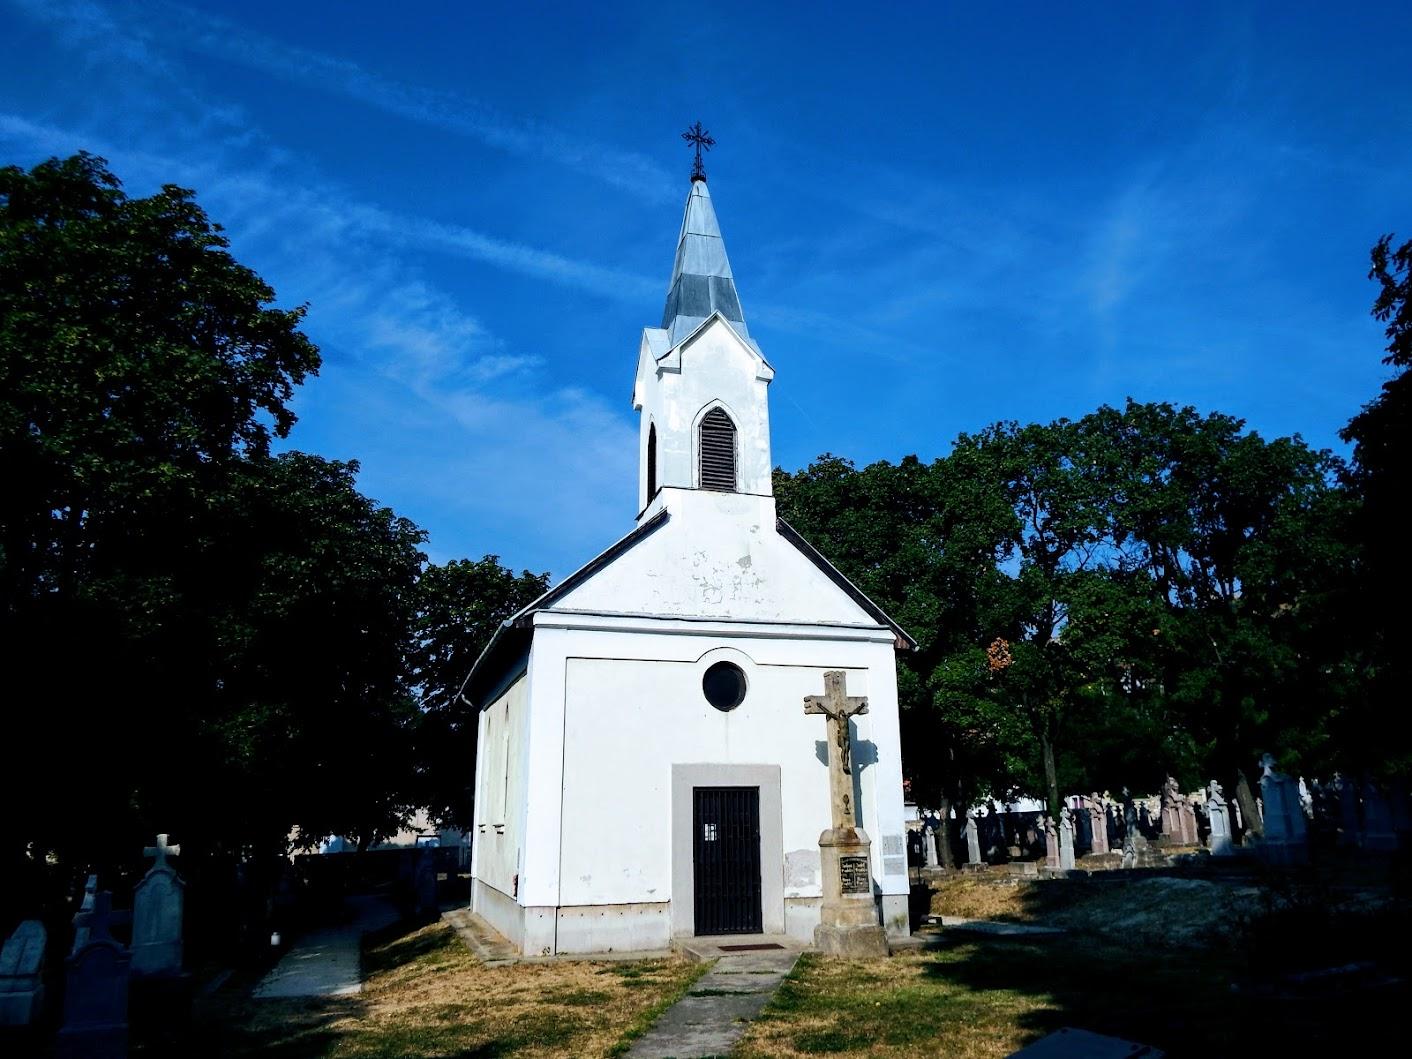 Budaörs - Csulits görögkatolikus temetőkápolna az ótemetőben